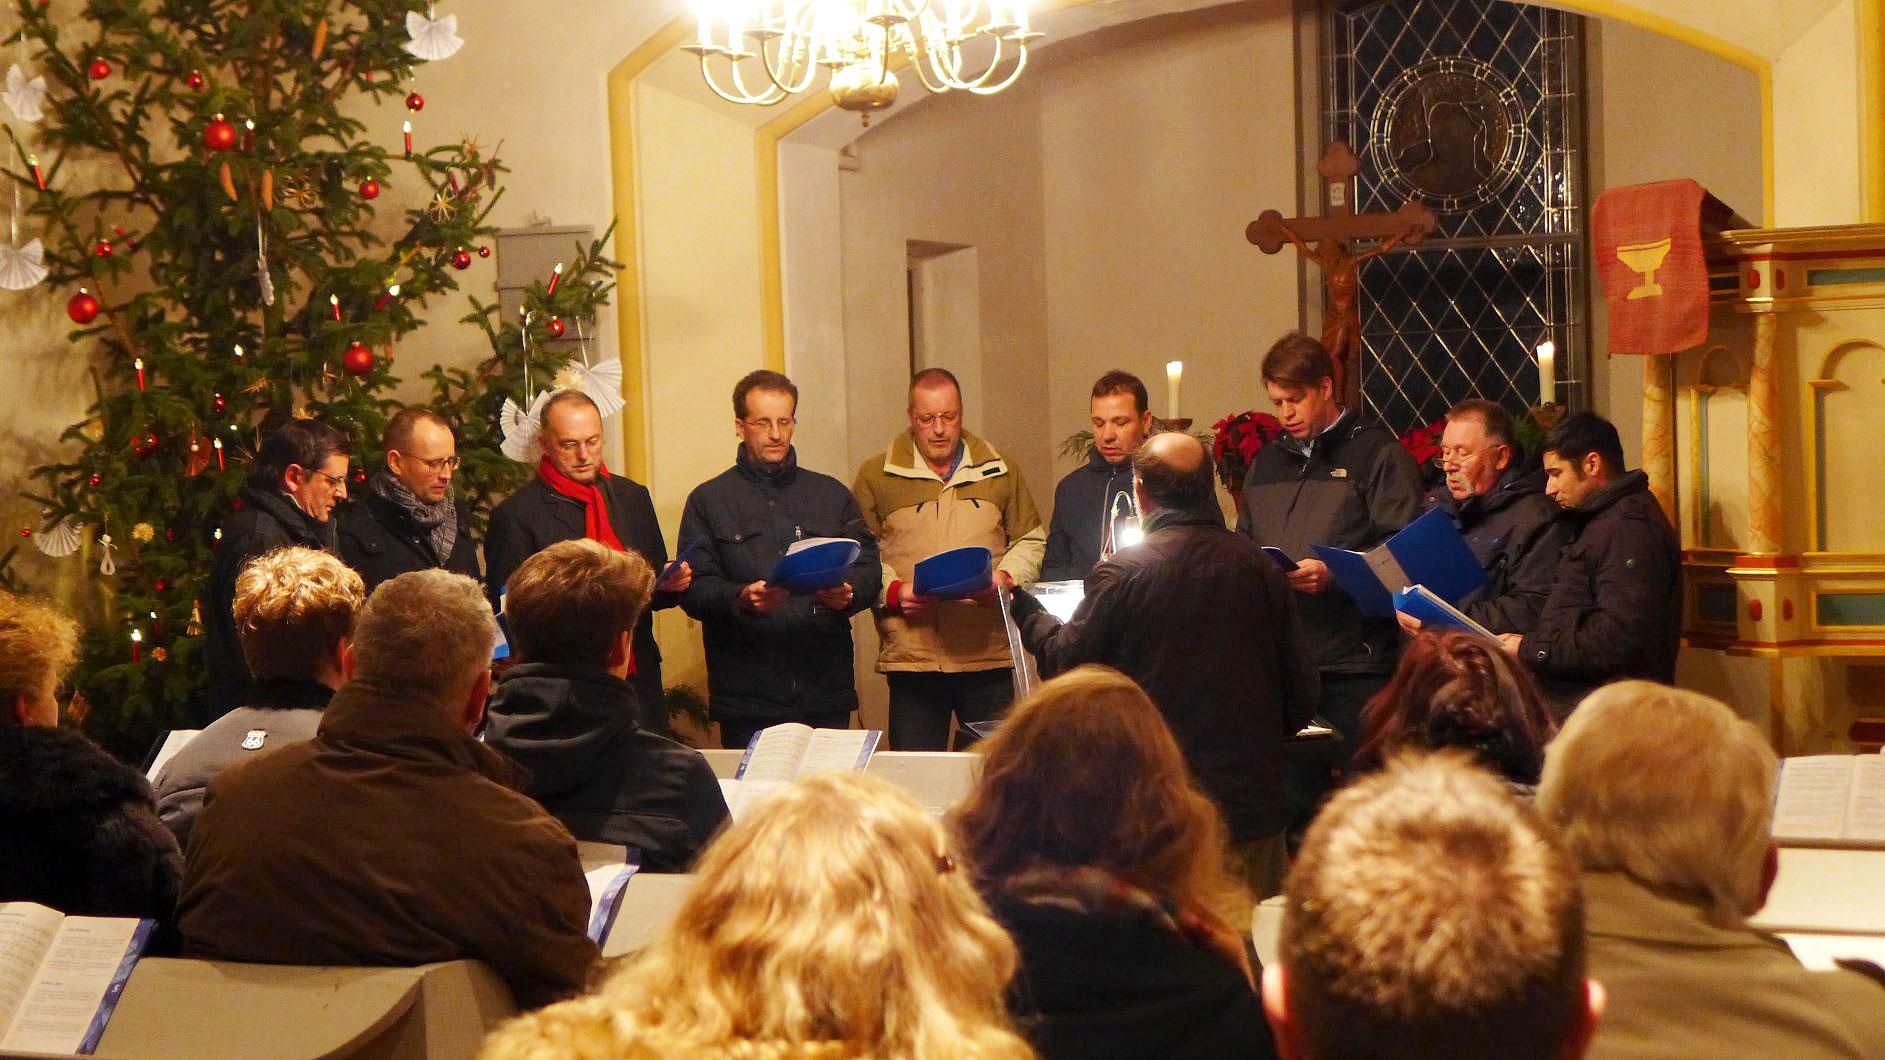 Trebitzer Männerchor Harmonia in der Gömnigker Christnacht - Weihnachten 2018